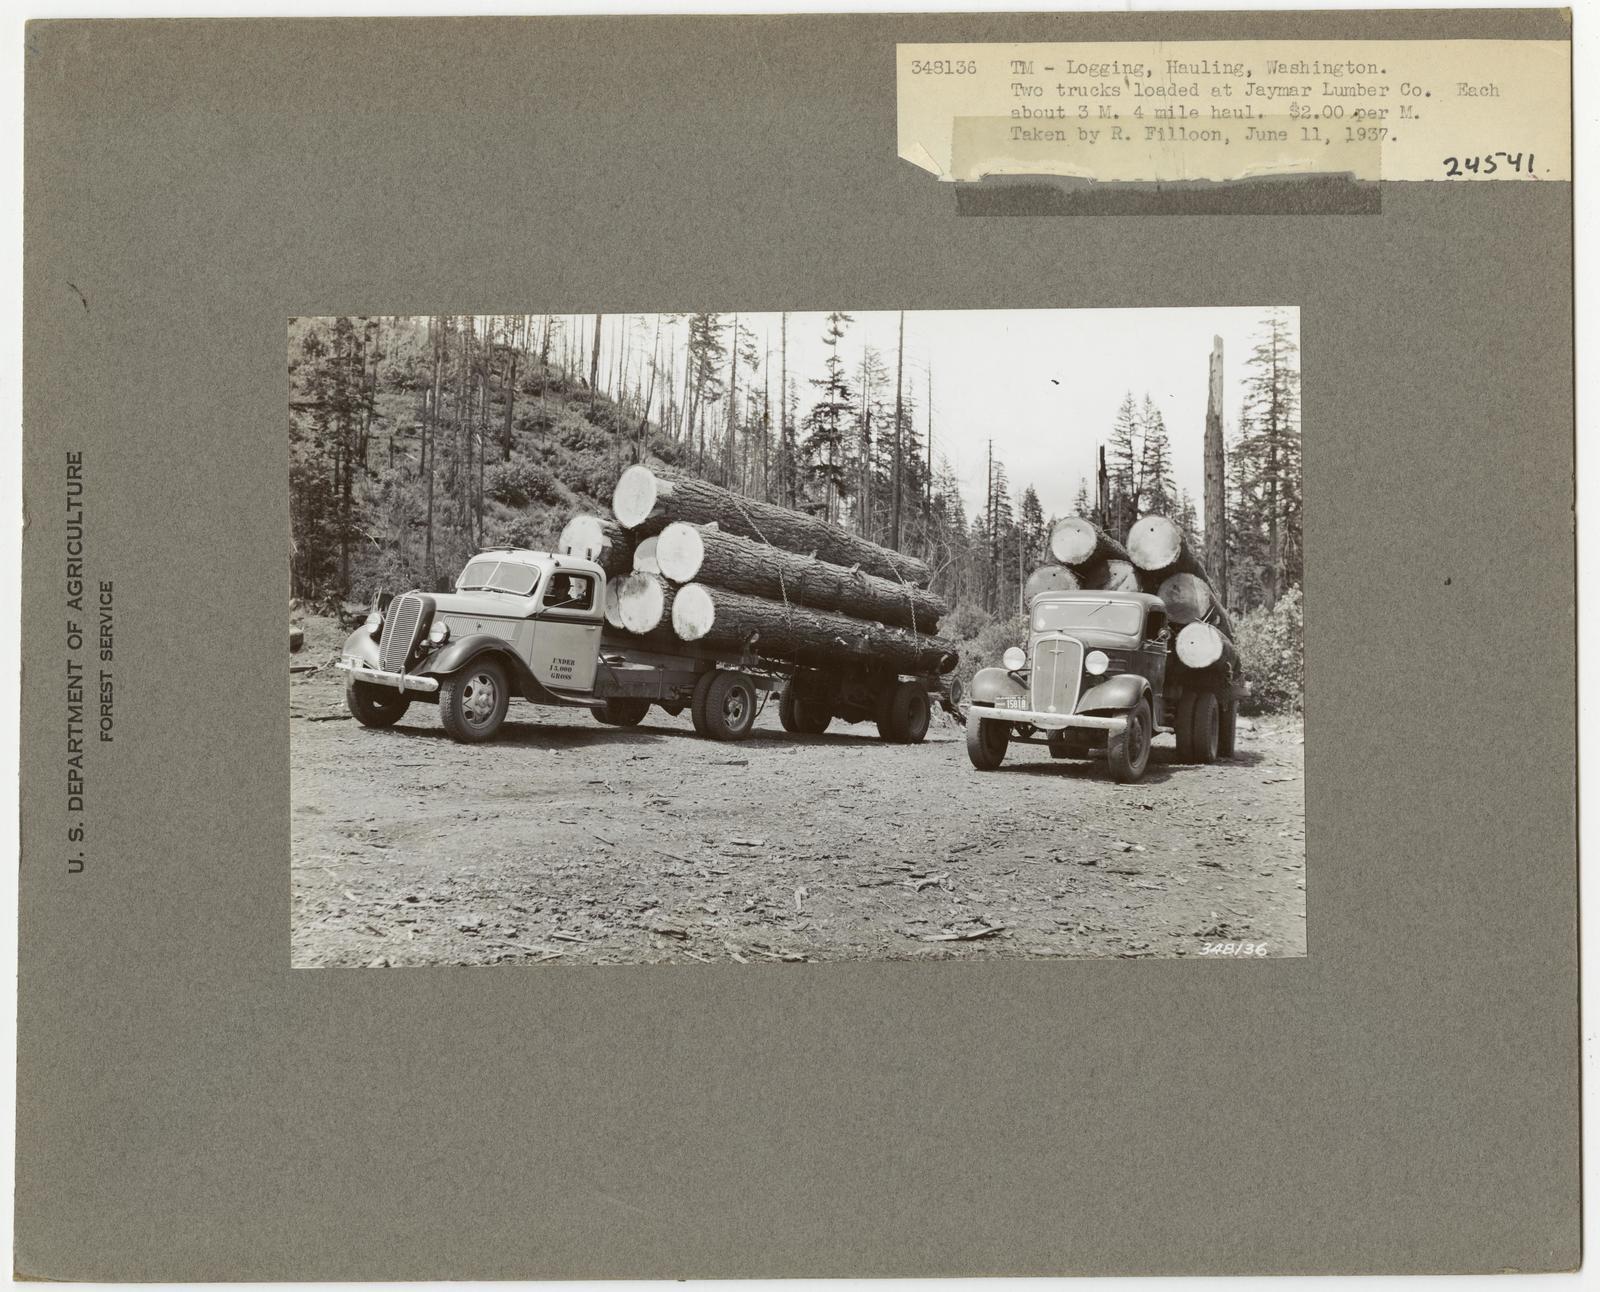 Logging: Transportation: Trucks - Washington